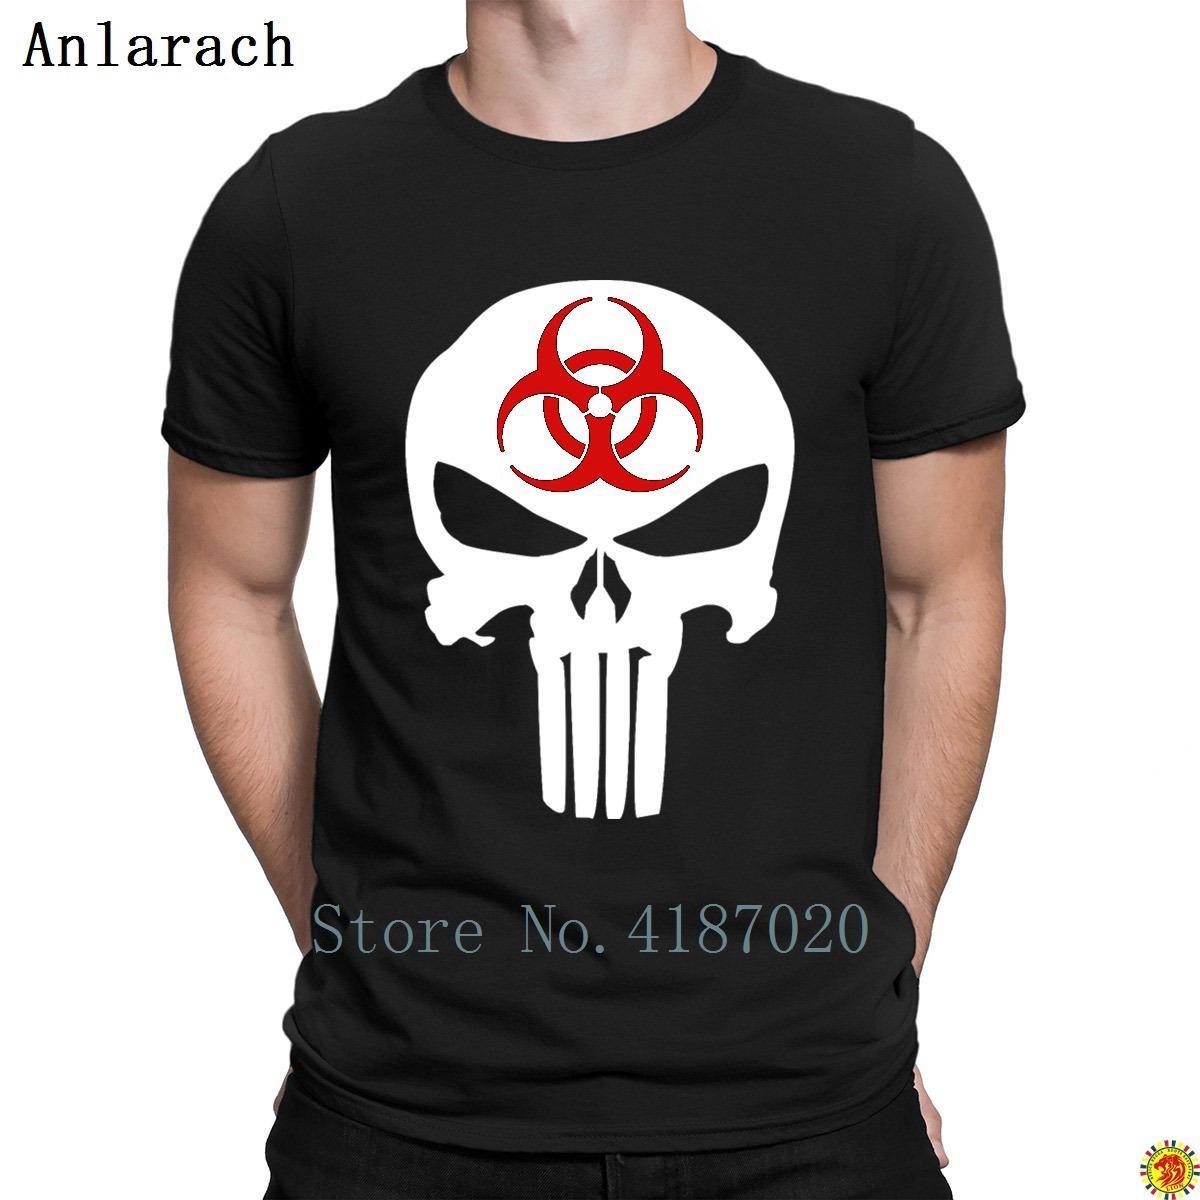 Biohazard Punisher camisetas humor de la aptitud de la novedad de diseño de la camiseta para los hombres S-3XL La luz del sol Hip Hop Anlarach Peculiar